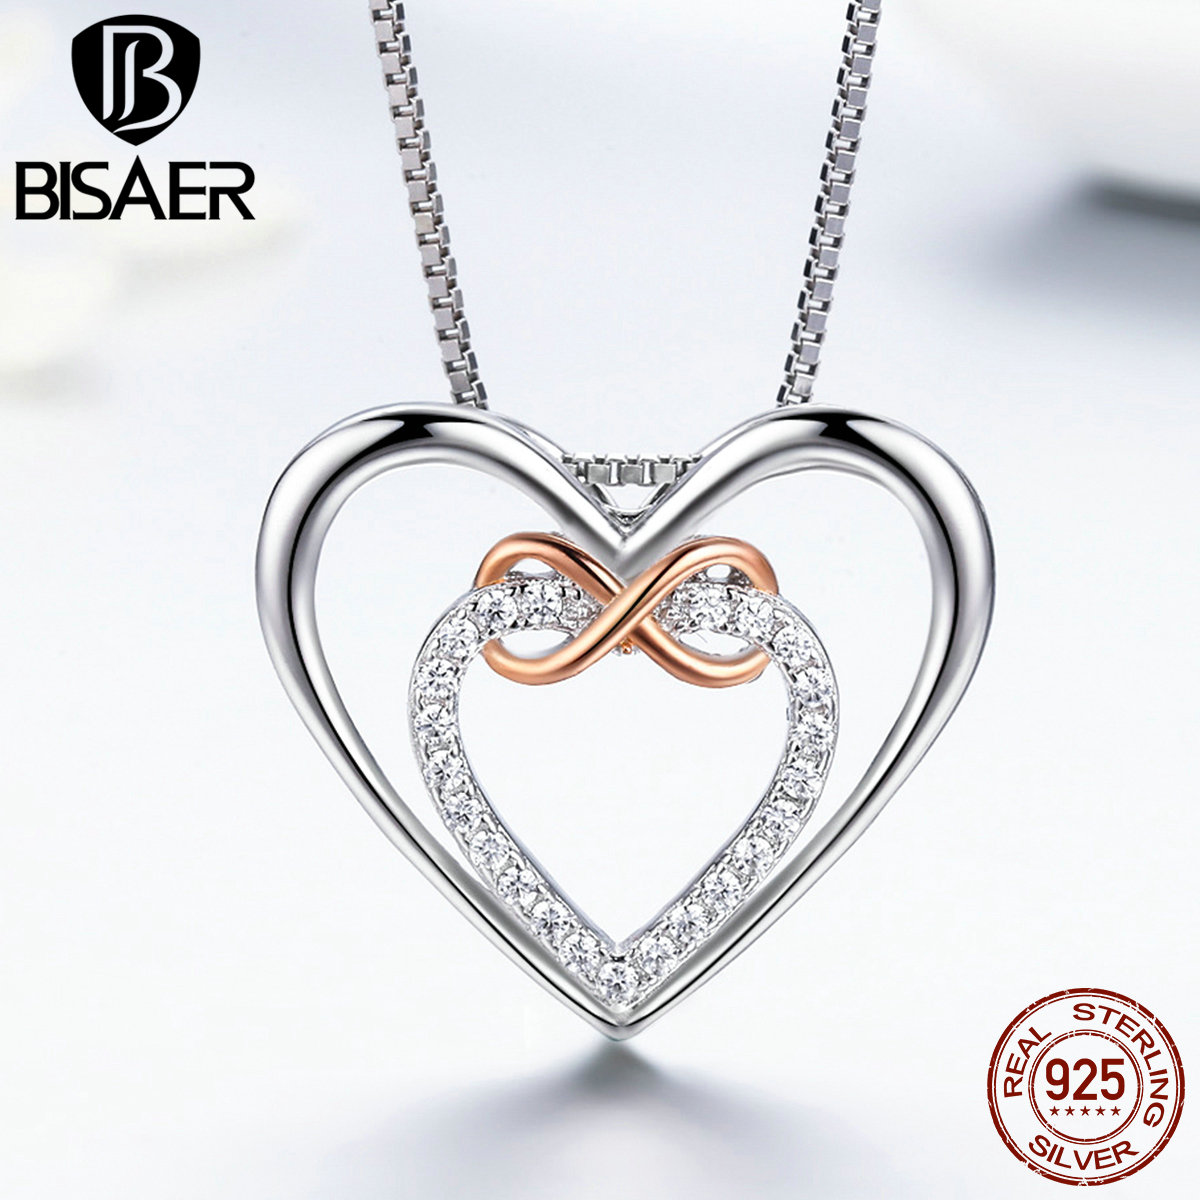 BISAER 925 Sterling Silber Unendlichkeit Liebe Für Immer Herz Anhänger  Halskette Frauen Sterling Silber Schmuck Valentinstag 95b4ffbb2d